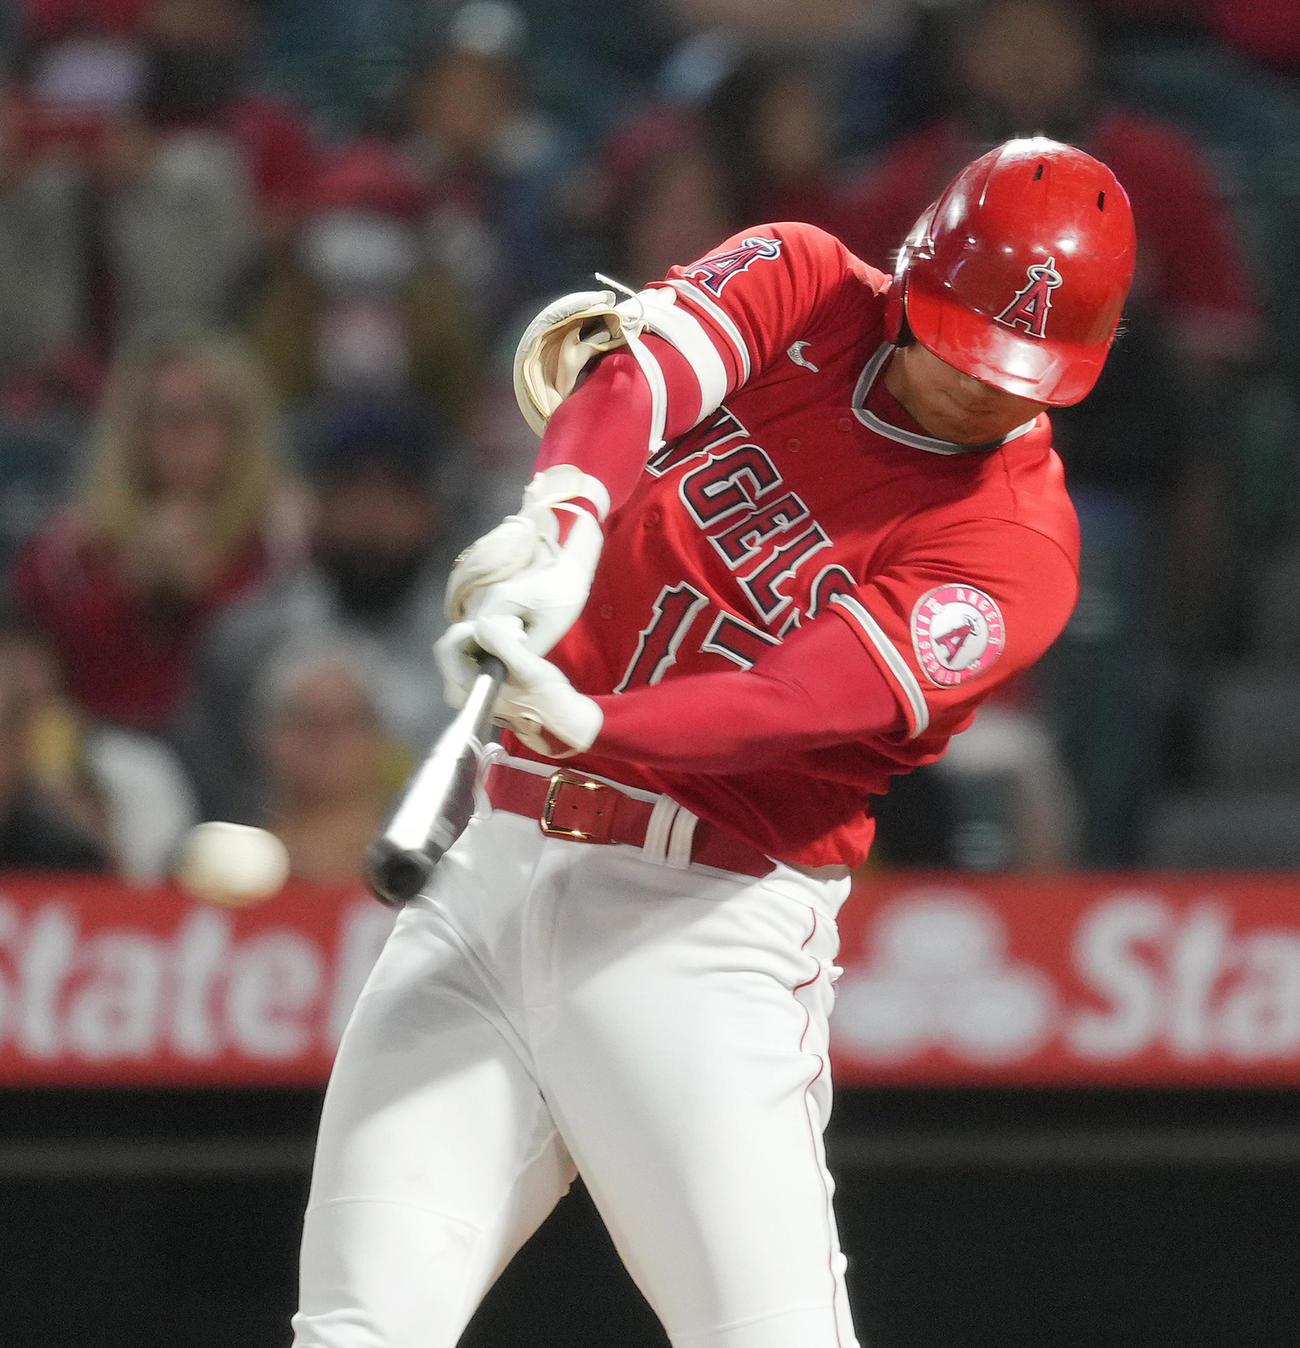 エンゼルス対マリナーズ 3回裏エンゼルス無死一塁、右翼線に適時三塁打を放つエンゼルス大谷(撮影・菅敏)